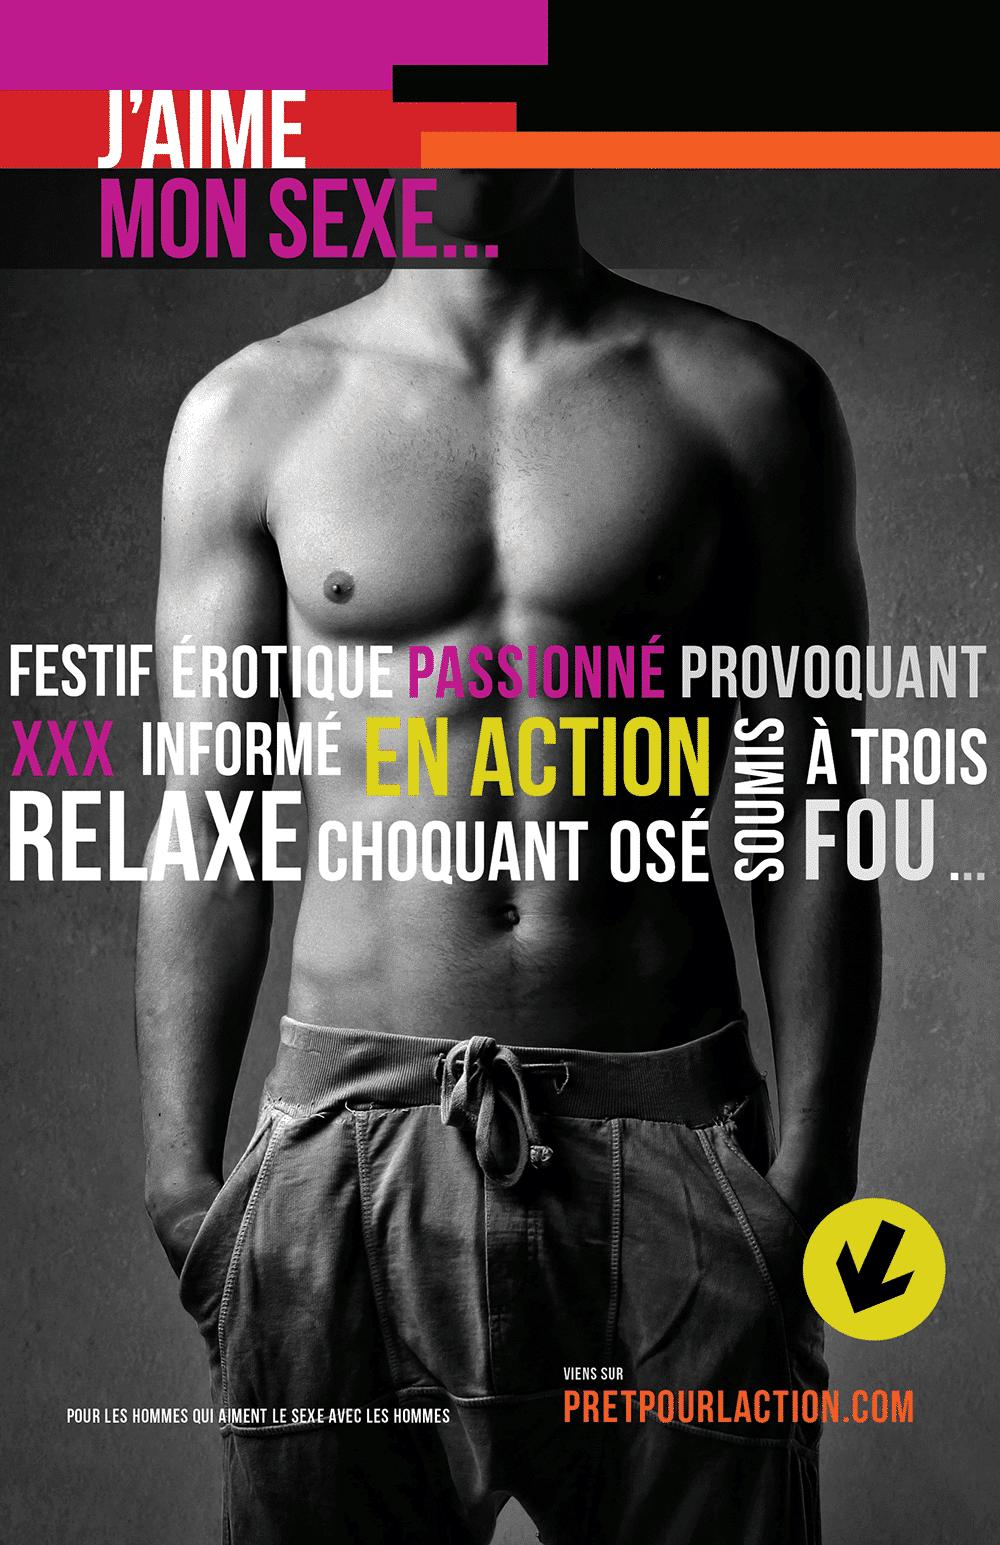 Campagne Pret pour l'action COCQ-sida